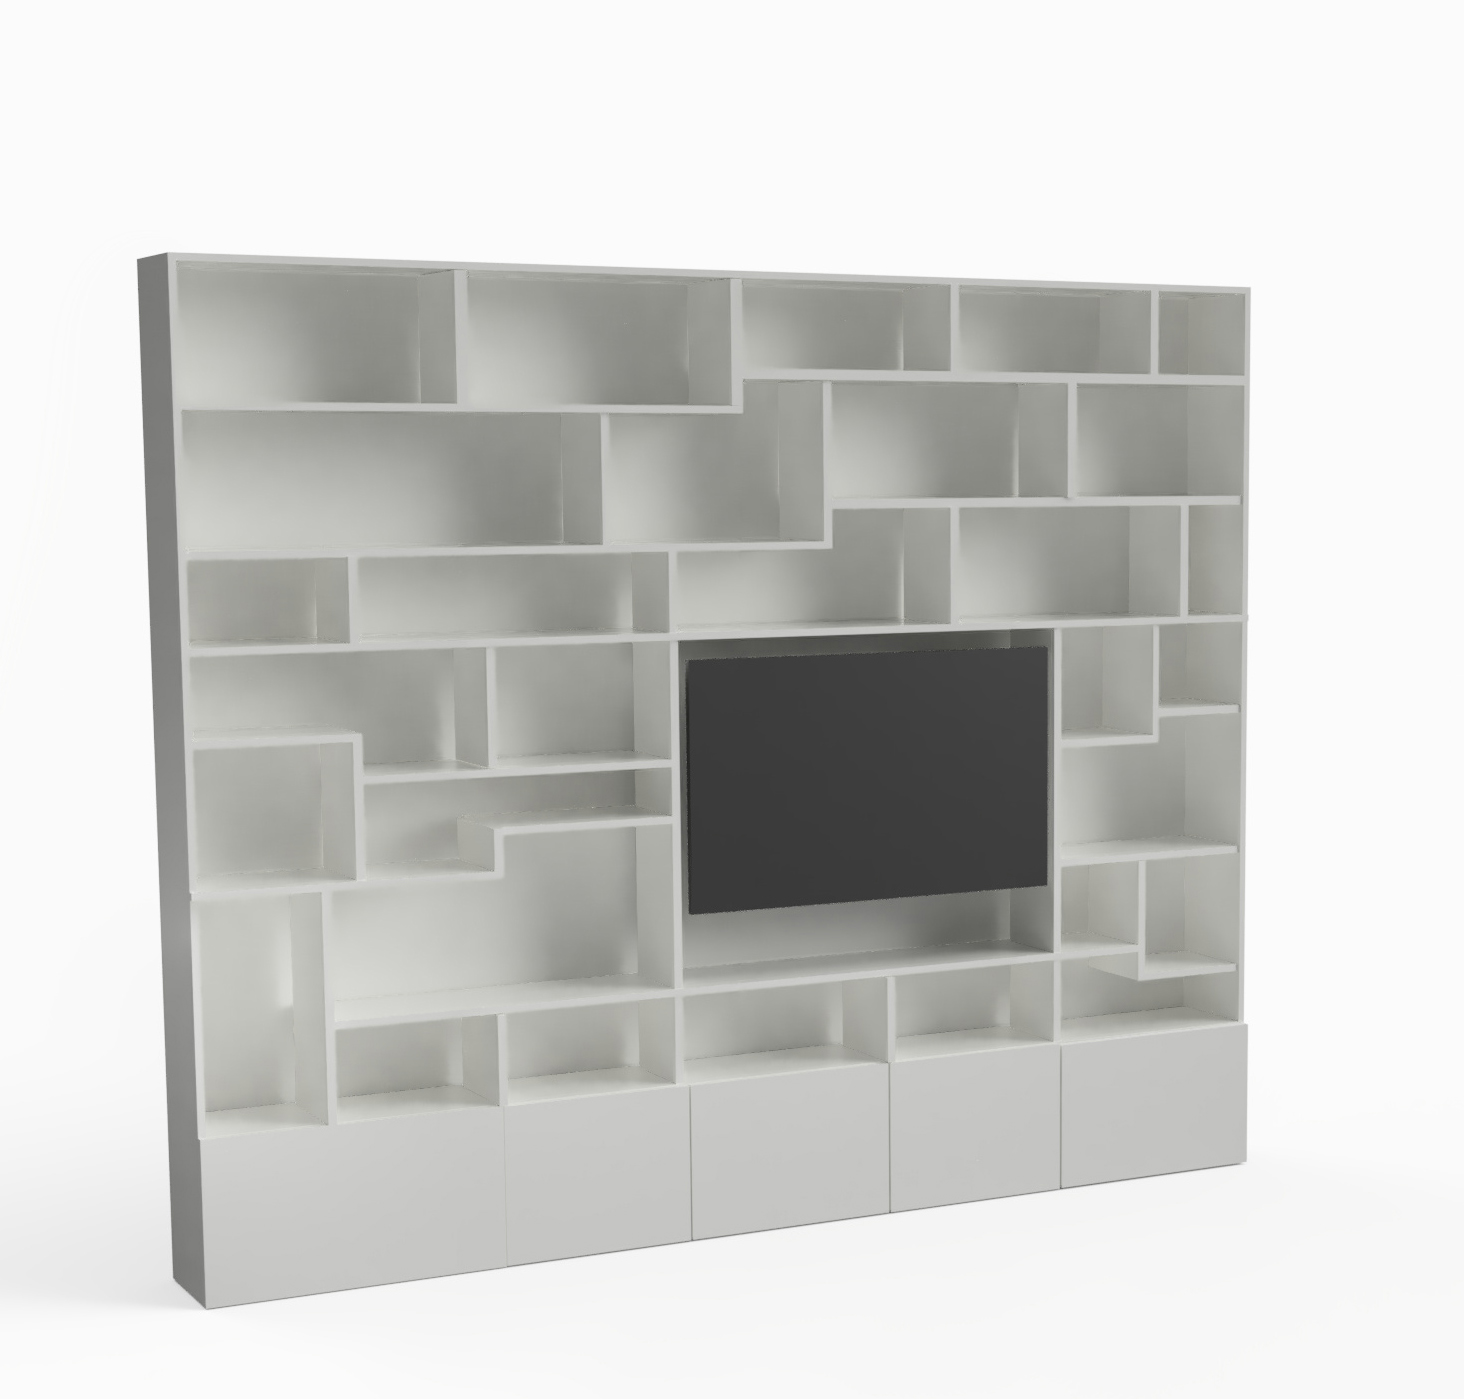 Bookshelf³ Cubed